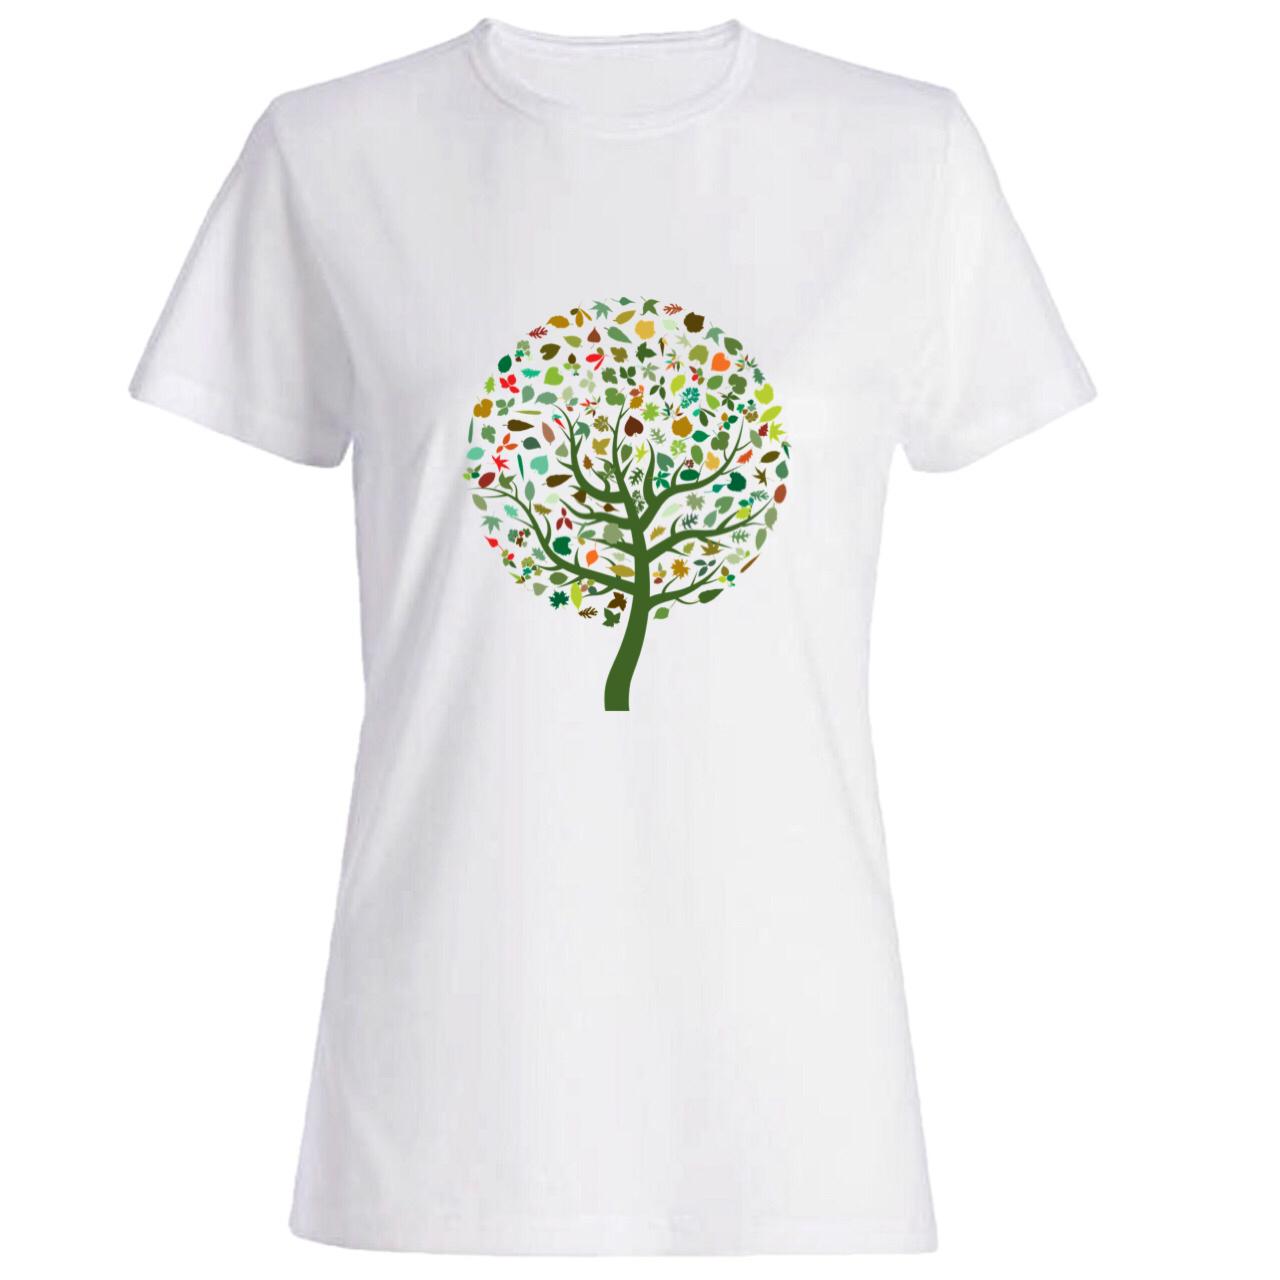 تیشرت زنانه طرح درخت کد 2587